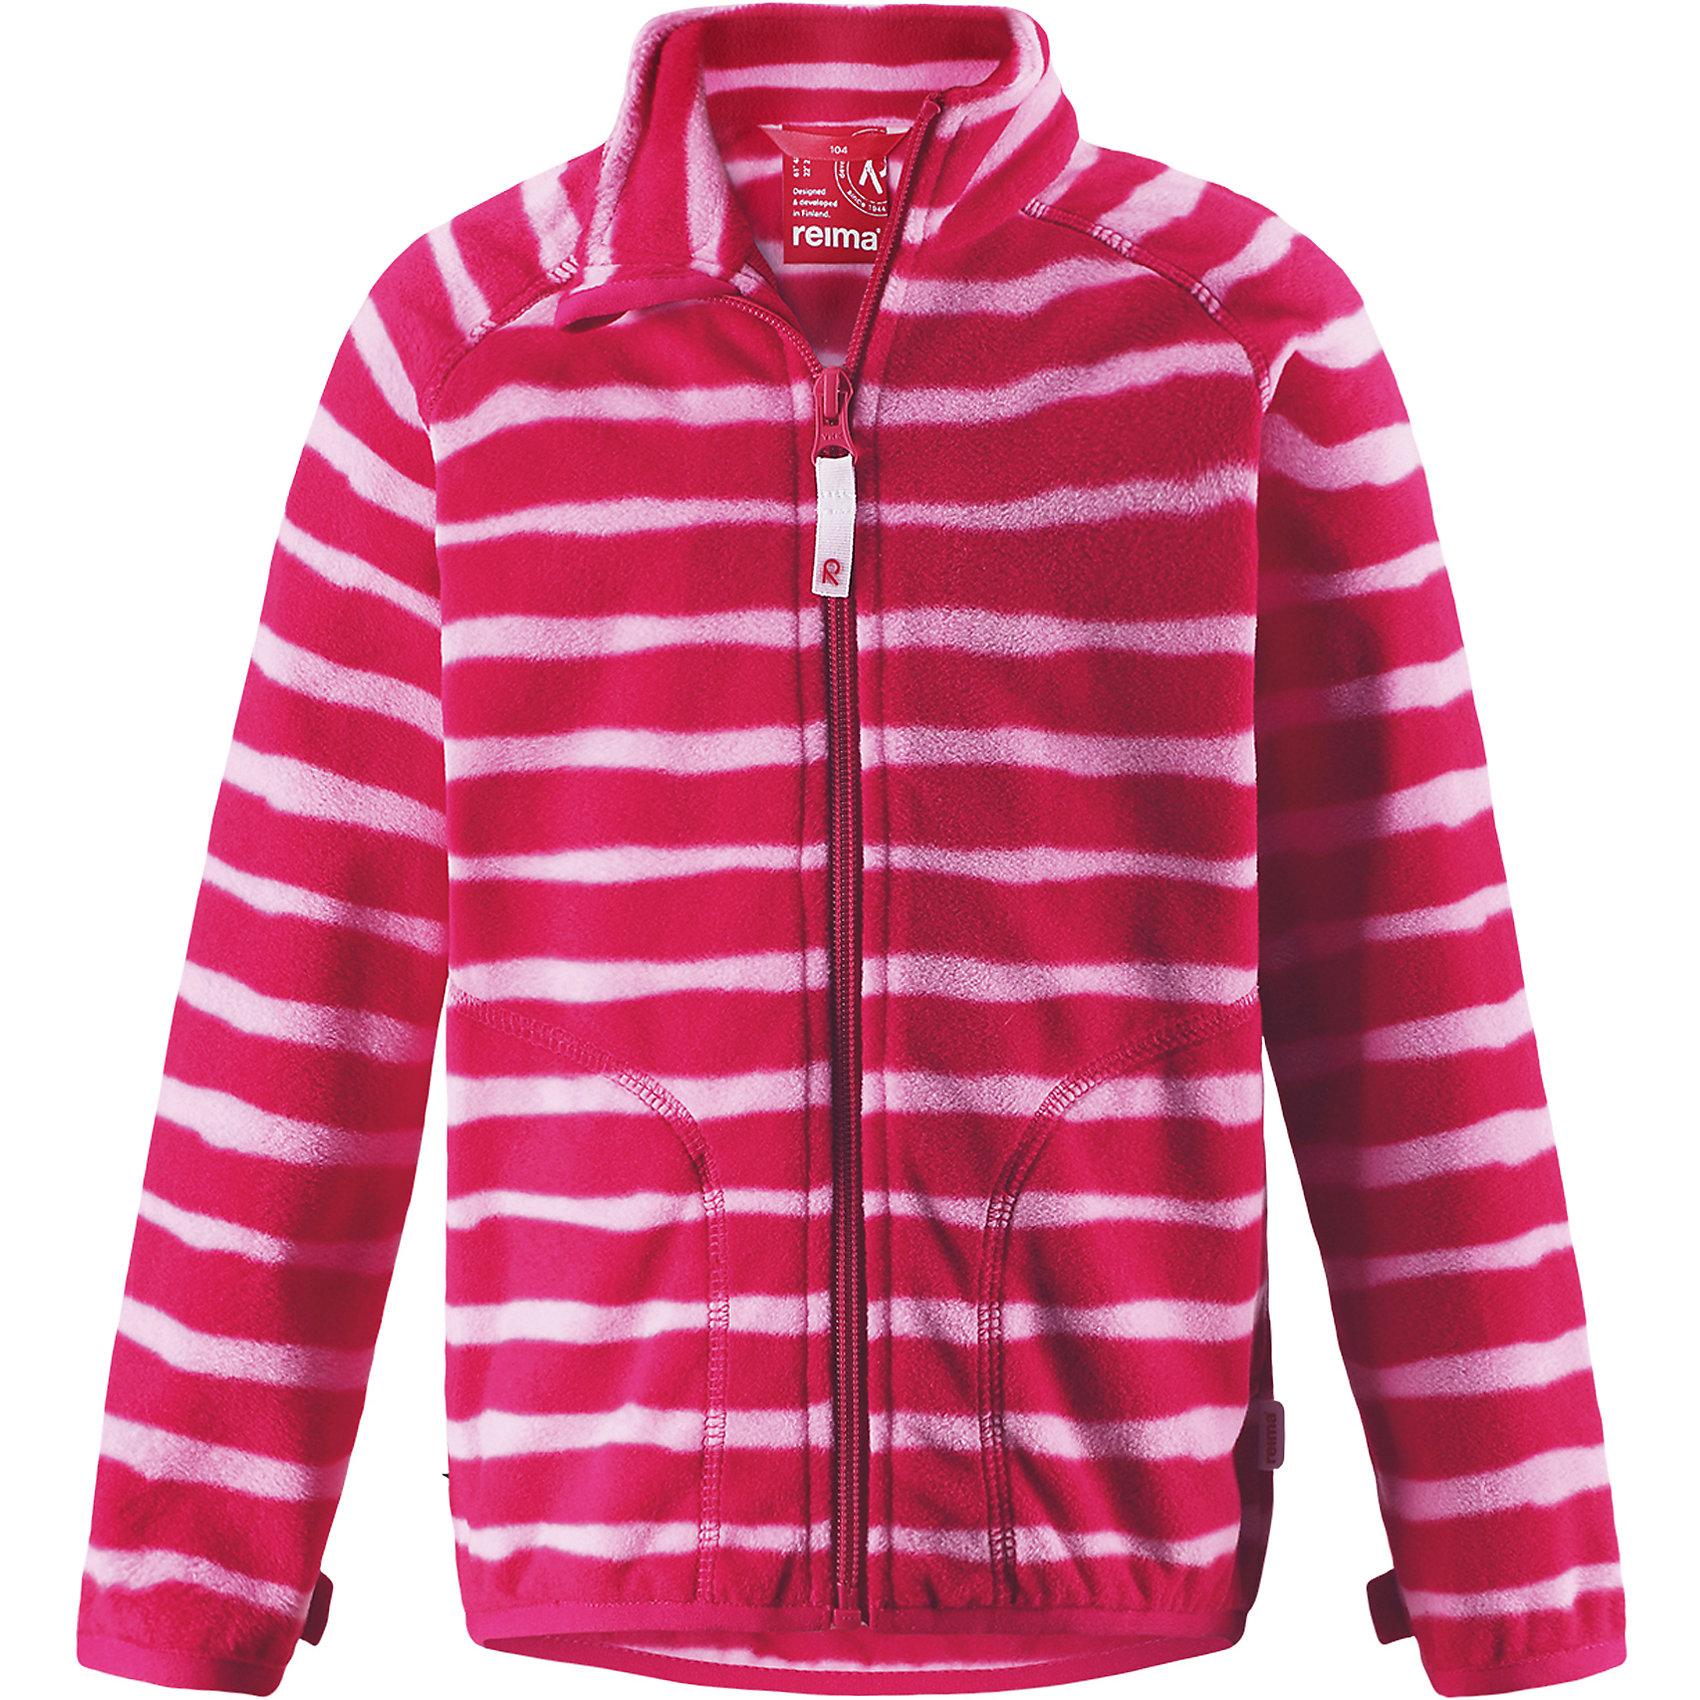 Свитер Steppe ReimaОдежда<br>Супер удобная детская флисовая куртка превосходно послужит в качестве промежуточного слоя в морозные зимние дни – она теплая и очень мягкая на ощупь. Эта куртка изготовлена из легкого полярного флиса, дышащего и быстросохнущего материала. Молния во всю длину облегчает надевание, а защита для подбородка не дает поцарапать молнией шею и подбородок. Эту практичную флисовую куртку легко можно пристегнуть к любой верхней одежде Reima®, оснащенной системой кнопок Play Layers®. Два боковых кармана и украшение в виде яркого рисунка.<br>Состав:<br>100% Полиэстер<br><br>Ширина мм: 190<br>Глубина мм: 74<br>Высота мм: 229<br>Вес г: 236<br>Цвет: розовый<br>Возраст от месяцев: 108<br>Возраст до месяцев: 120<br>Пол: Унисекс<br>Возраст: Детский<br>Размер: 140,134,92,98,104,110,116,122,128<br>SKU: 6901959